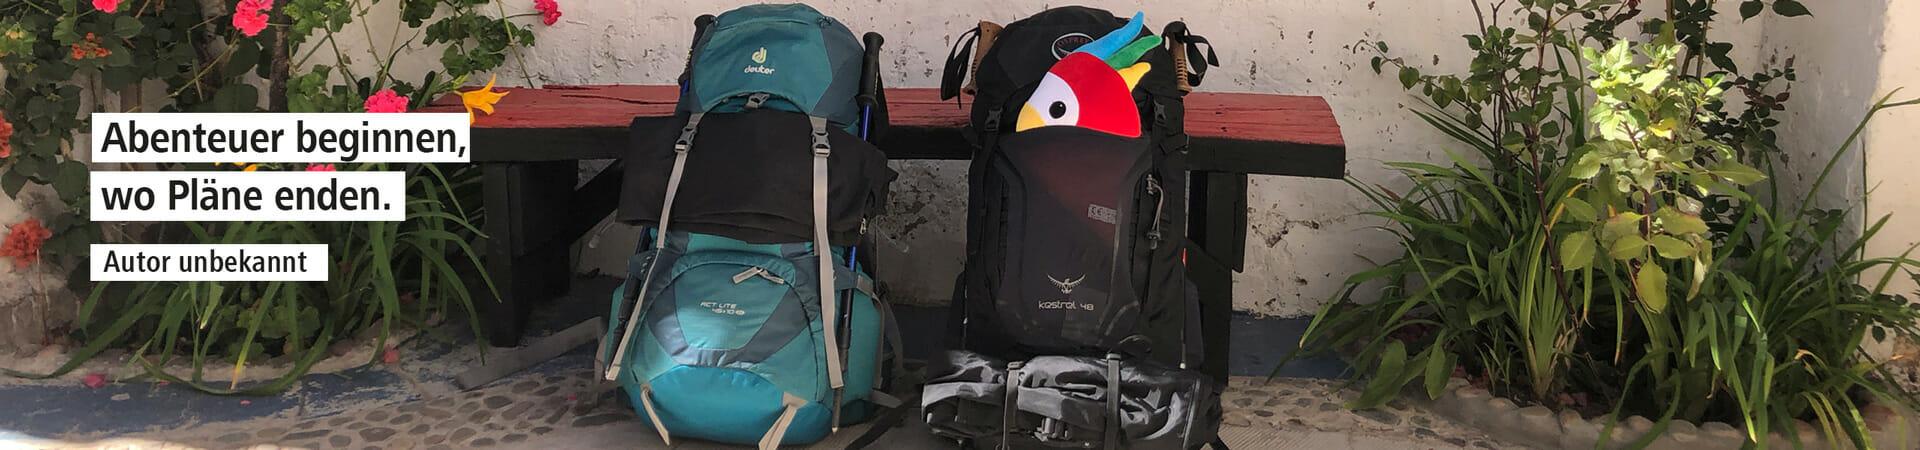 Dieses Banner-Bild zeigt die zwei Rucksäcke von Andrea und Nico auf ihrem Abenteuer 100 Tage Südamerika